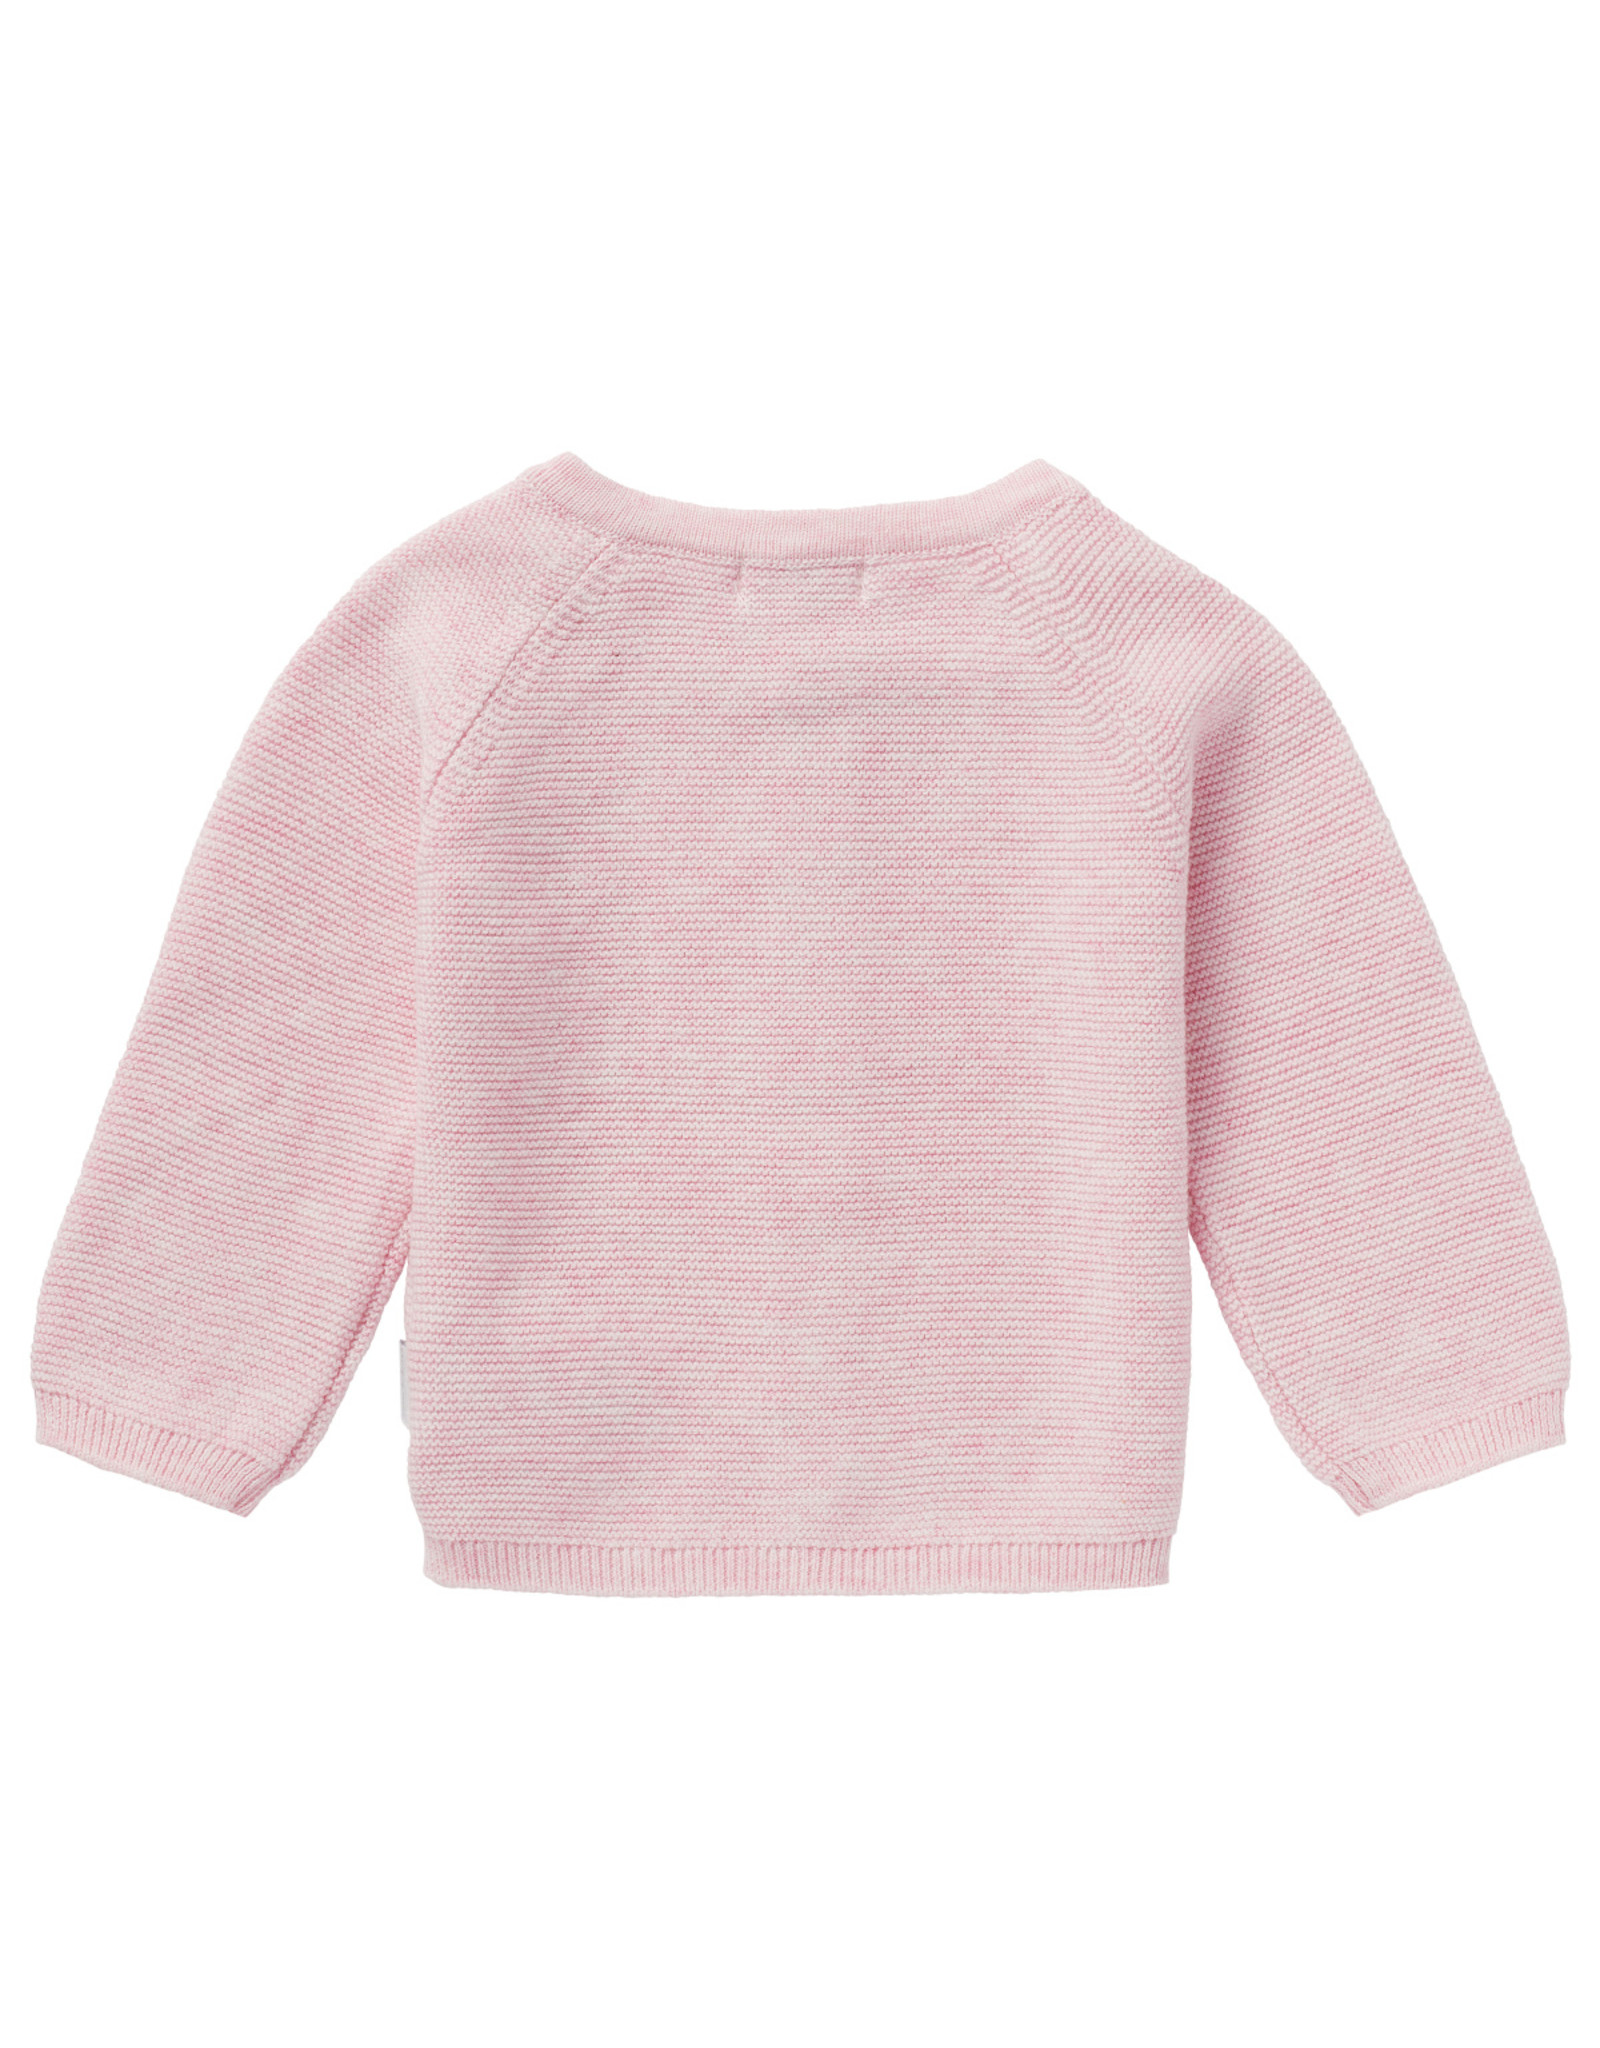 Noppies U Cardigan knit Naga Light Rose Melange